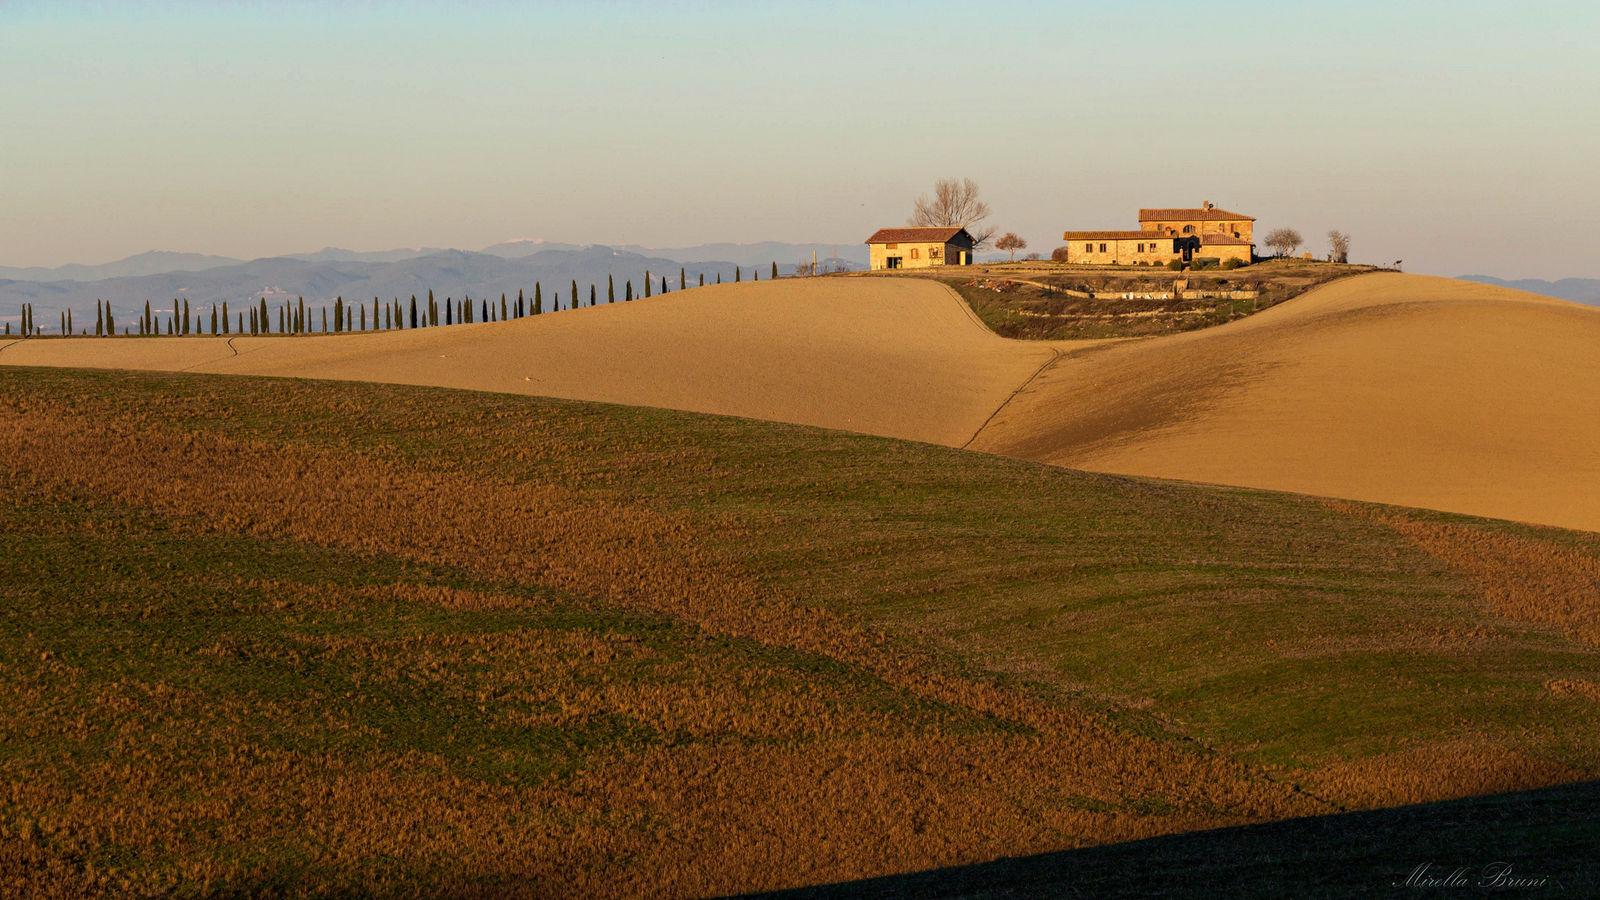 Monteroni d'Arbia - Ricordati di me - Toscana Ovunque Bella